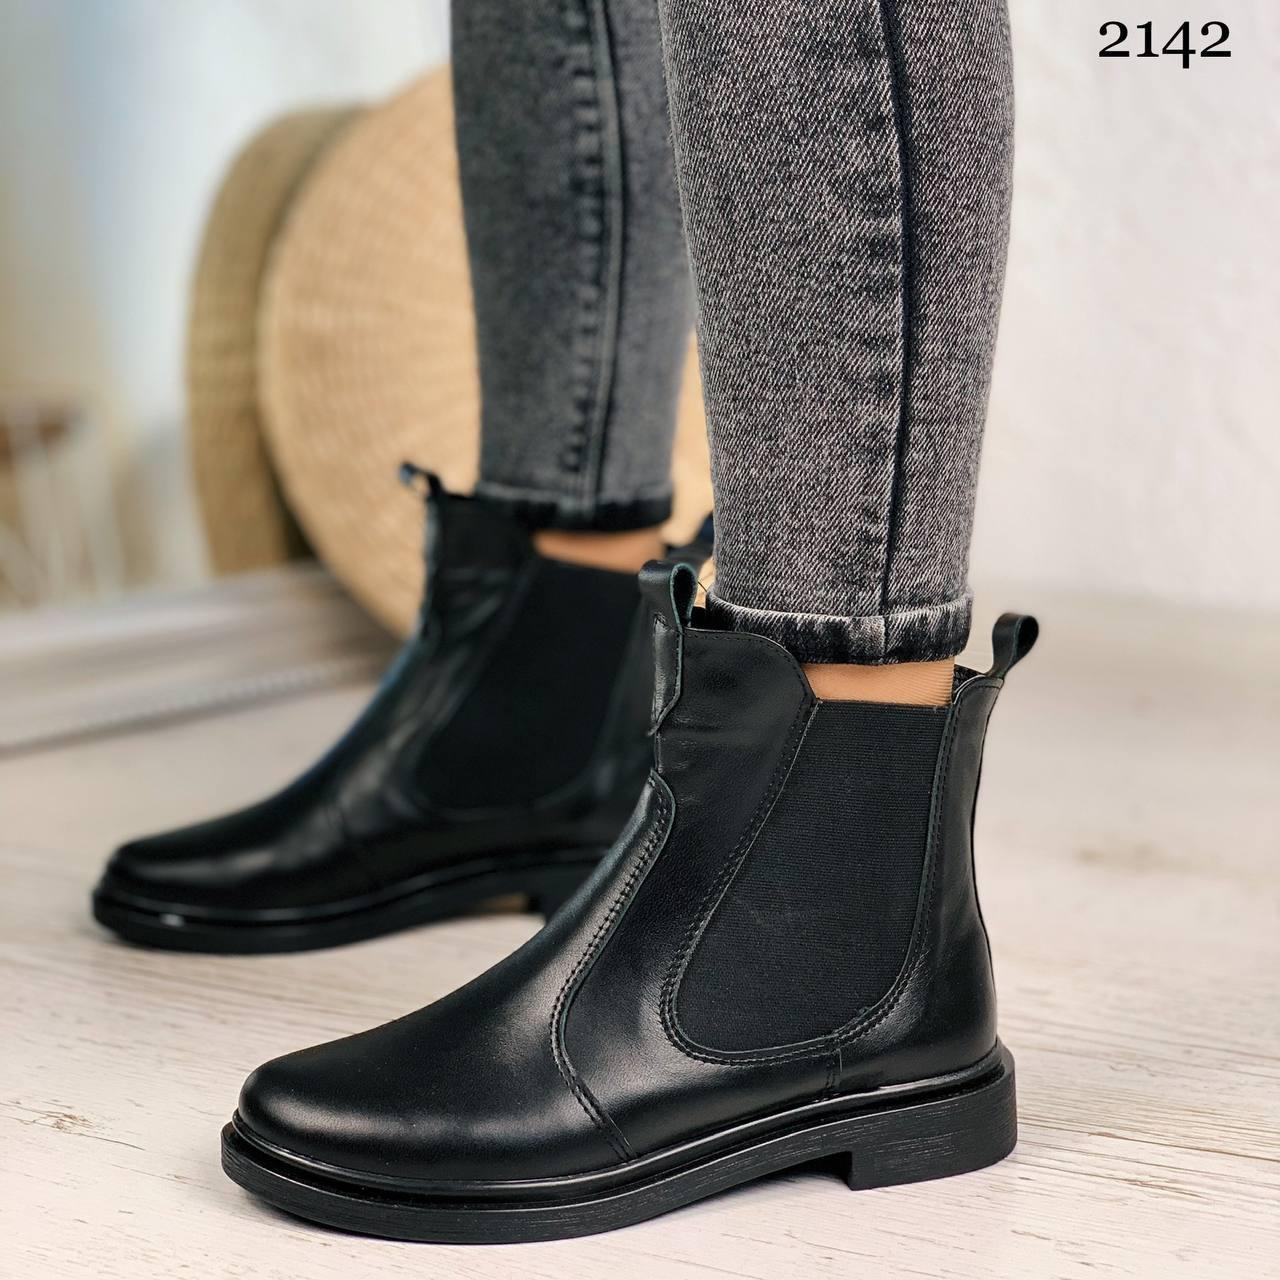 ТІЛЬКИ 40 р! Жіночі черевики ДЕМІ чорні з гумкою натуральна шкіра весна/ осінь